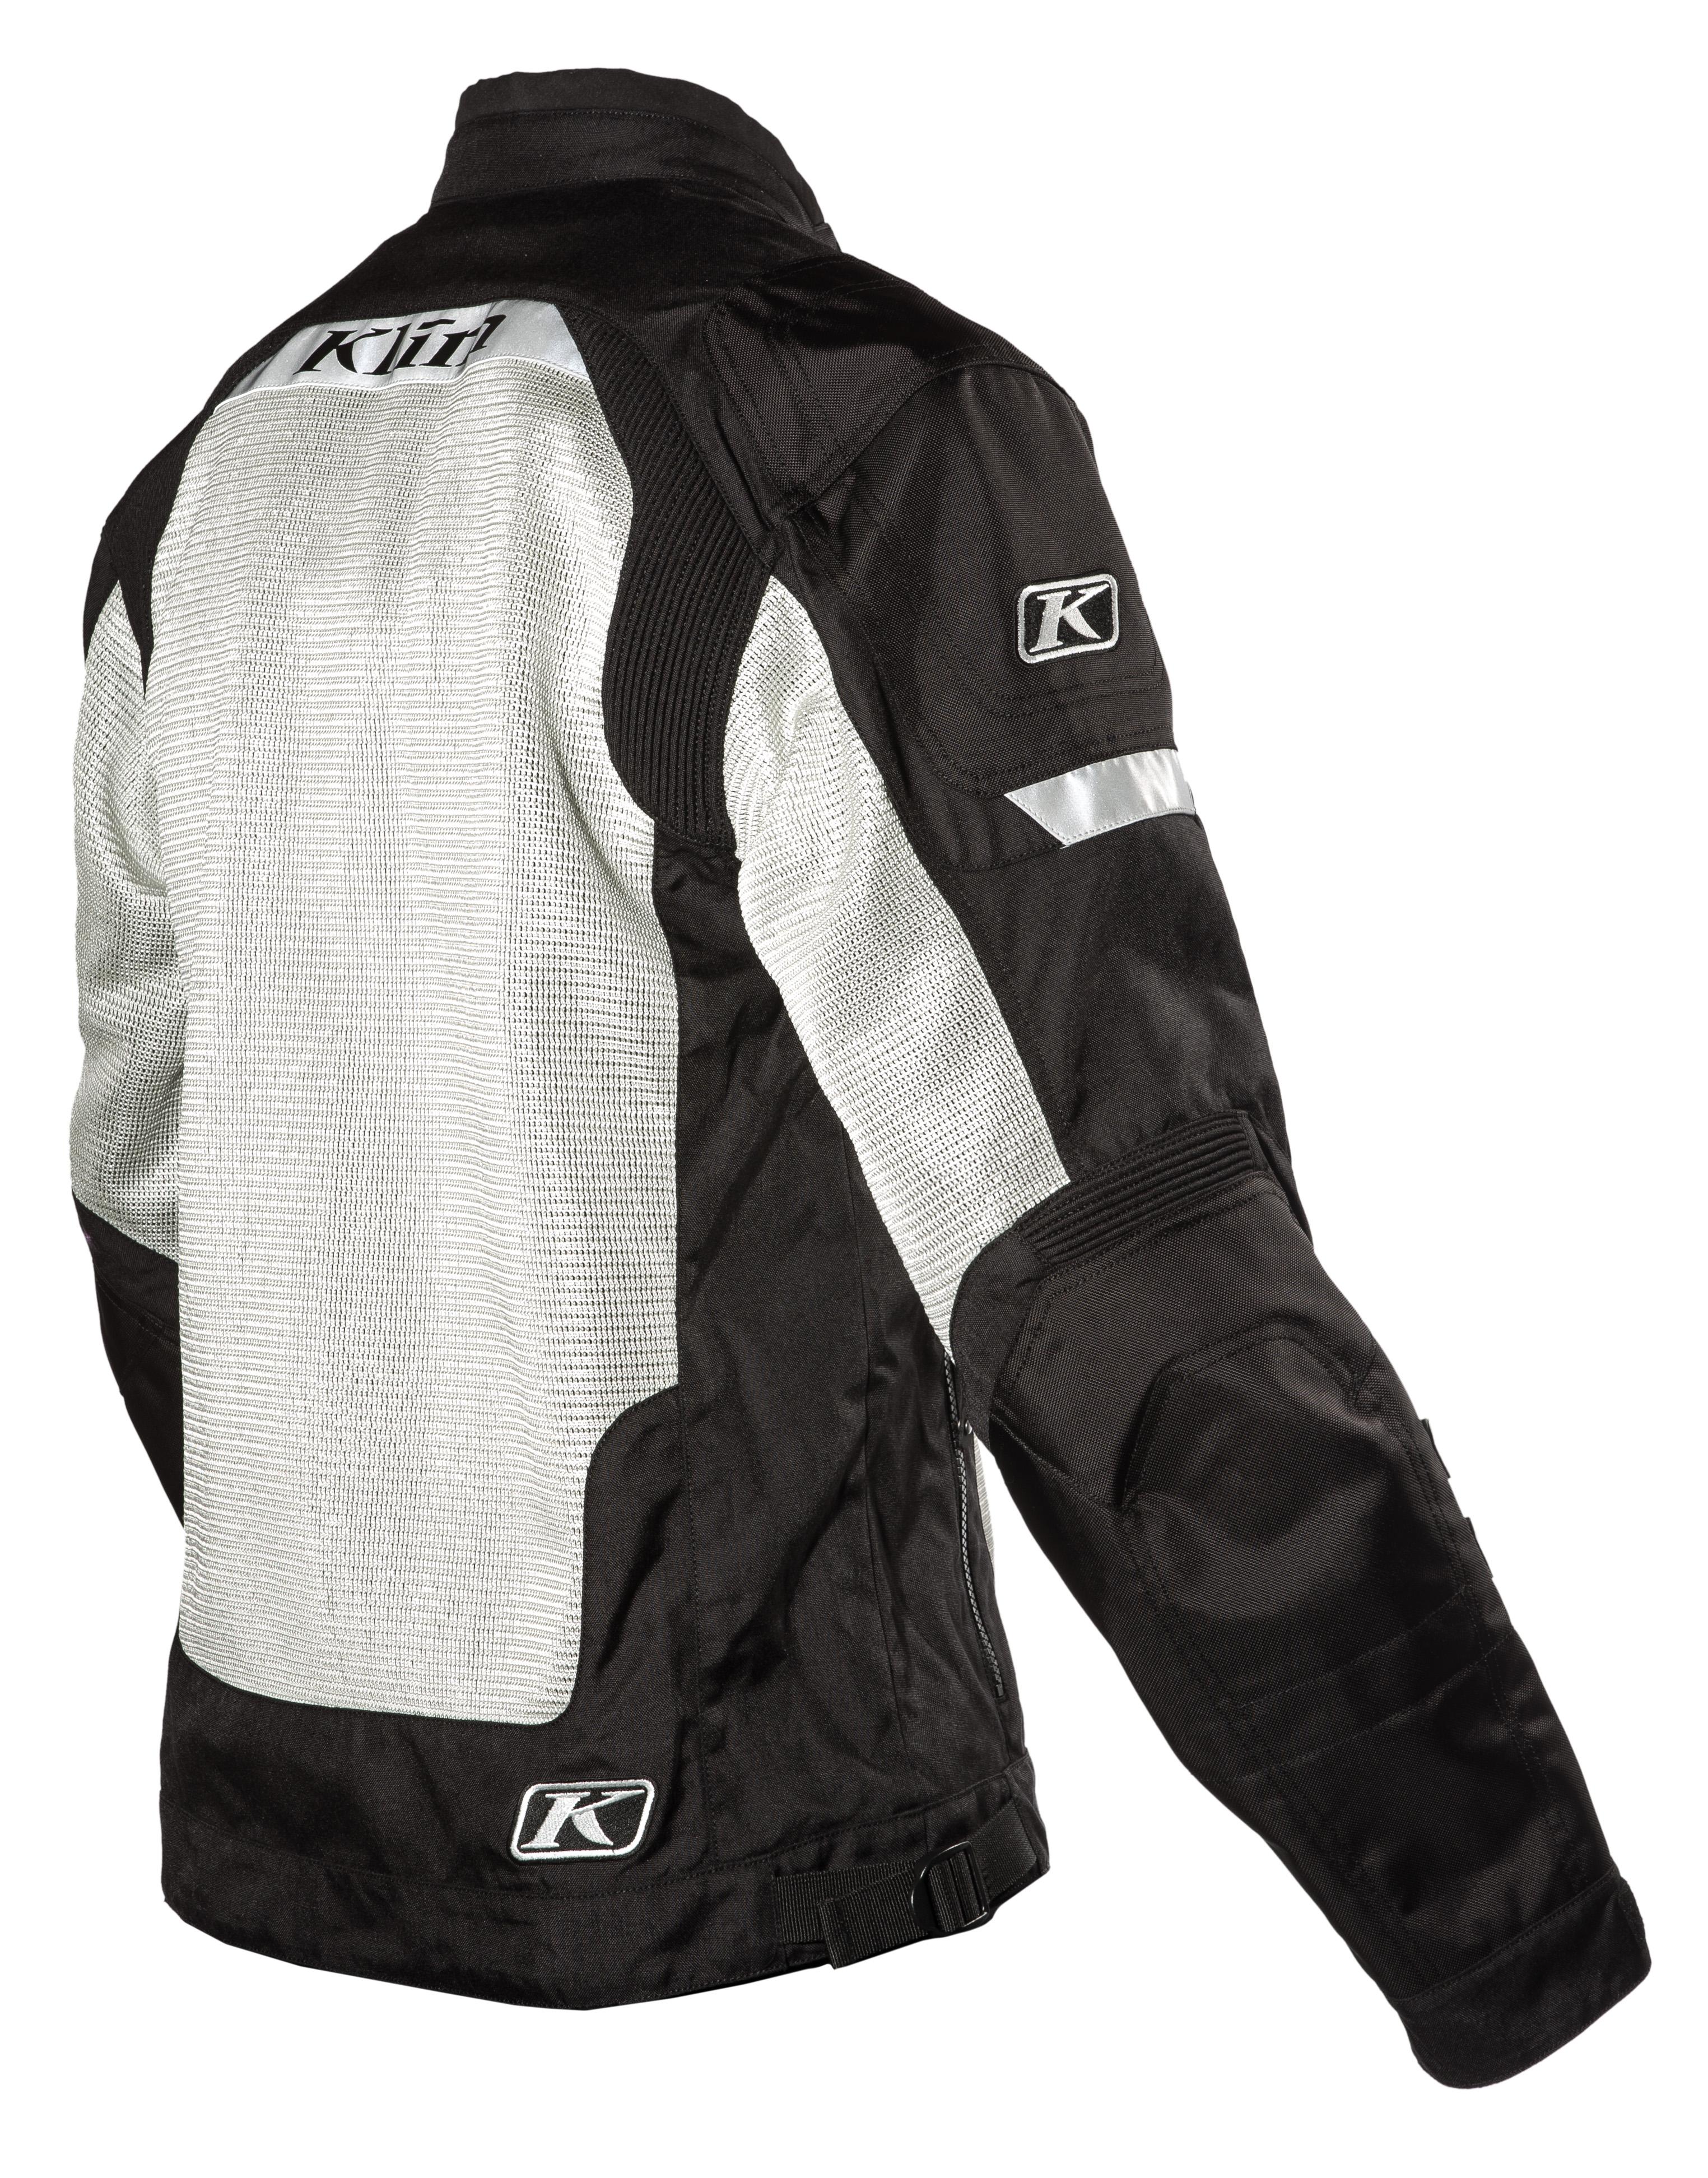 Induction Jacket 5060-000-600-B